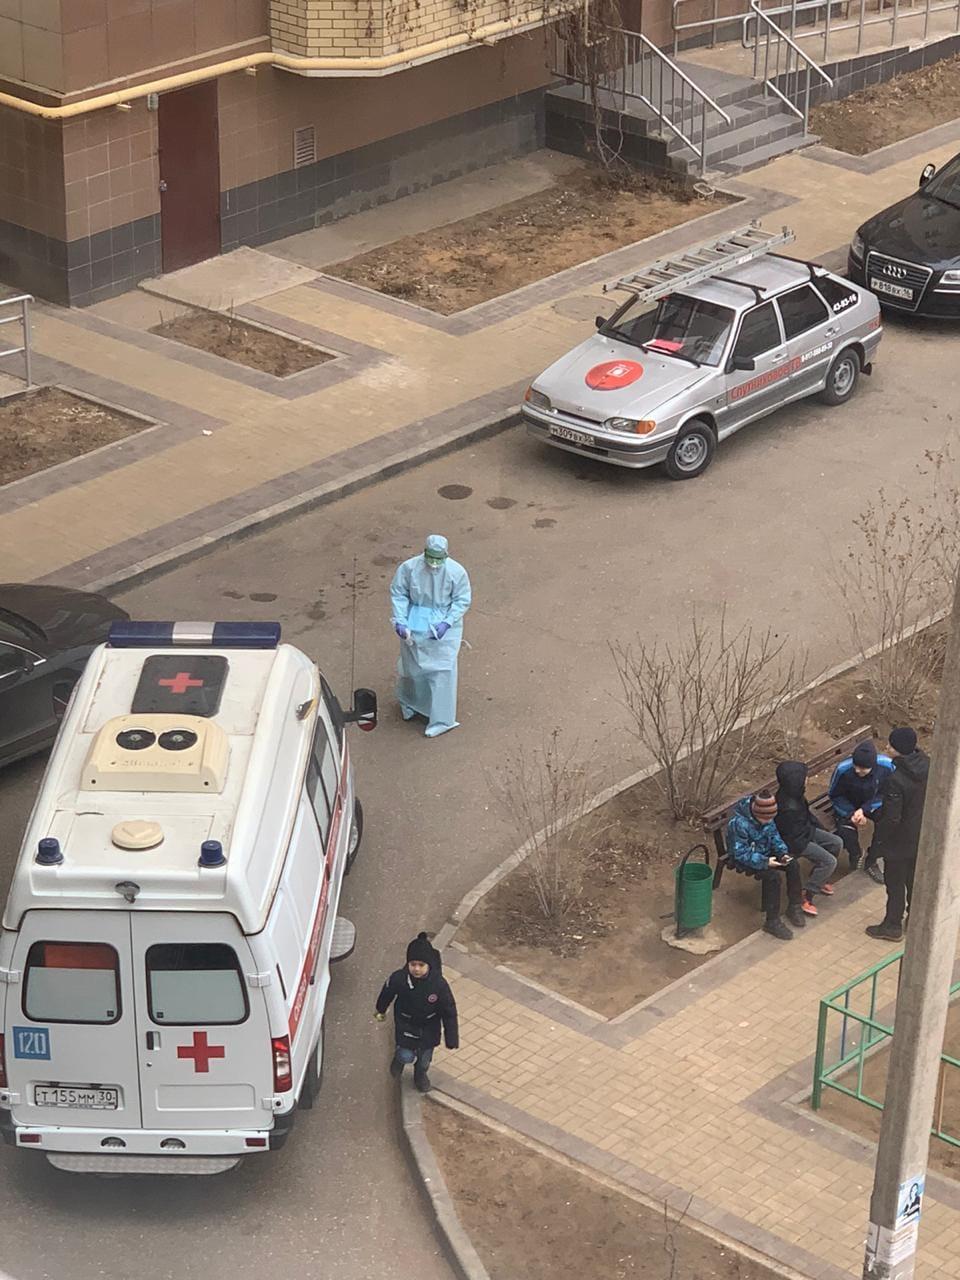 83560422 2481457985429085 5768683532897484800 o В Астрахани врач в спецодежде навёл панику среди горожан